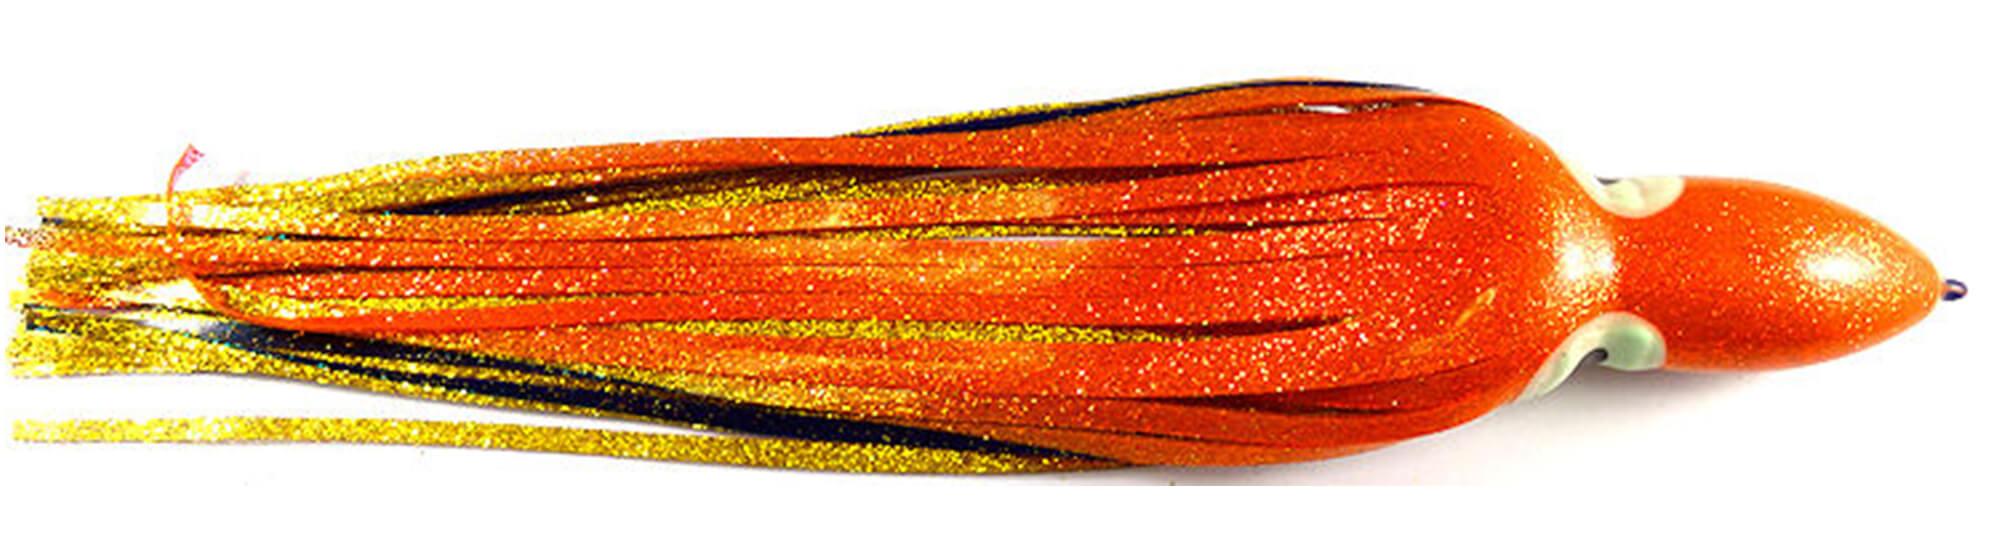 Yo-Zuri Skirts - Huge selection at Billfish Tackle Supply